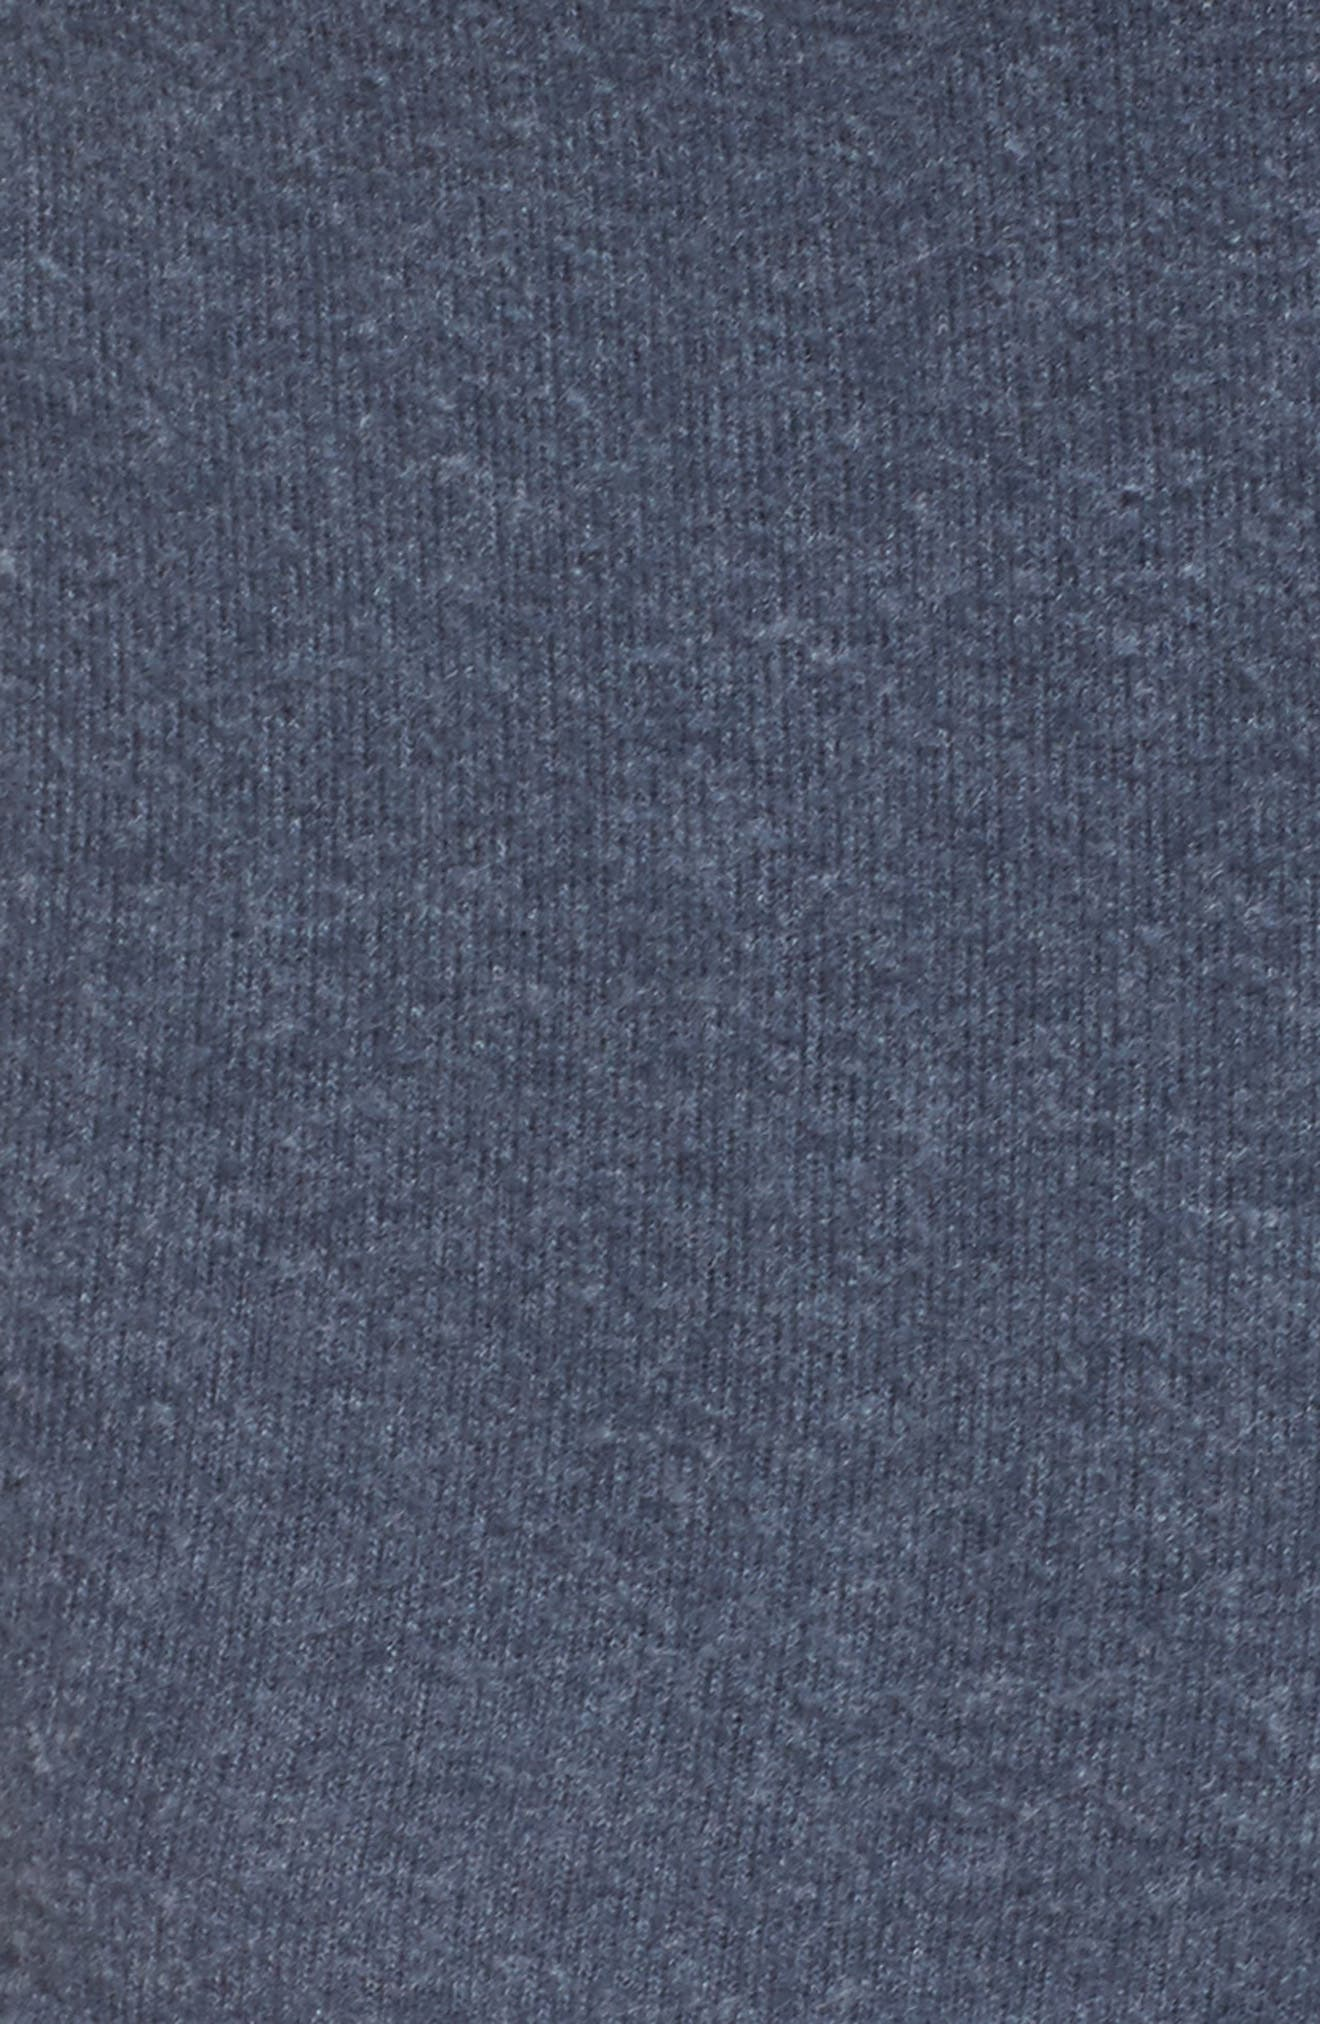 Love Shorts,                             Alternate thumbnail 5, color,                             402